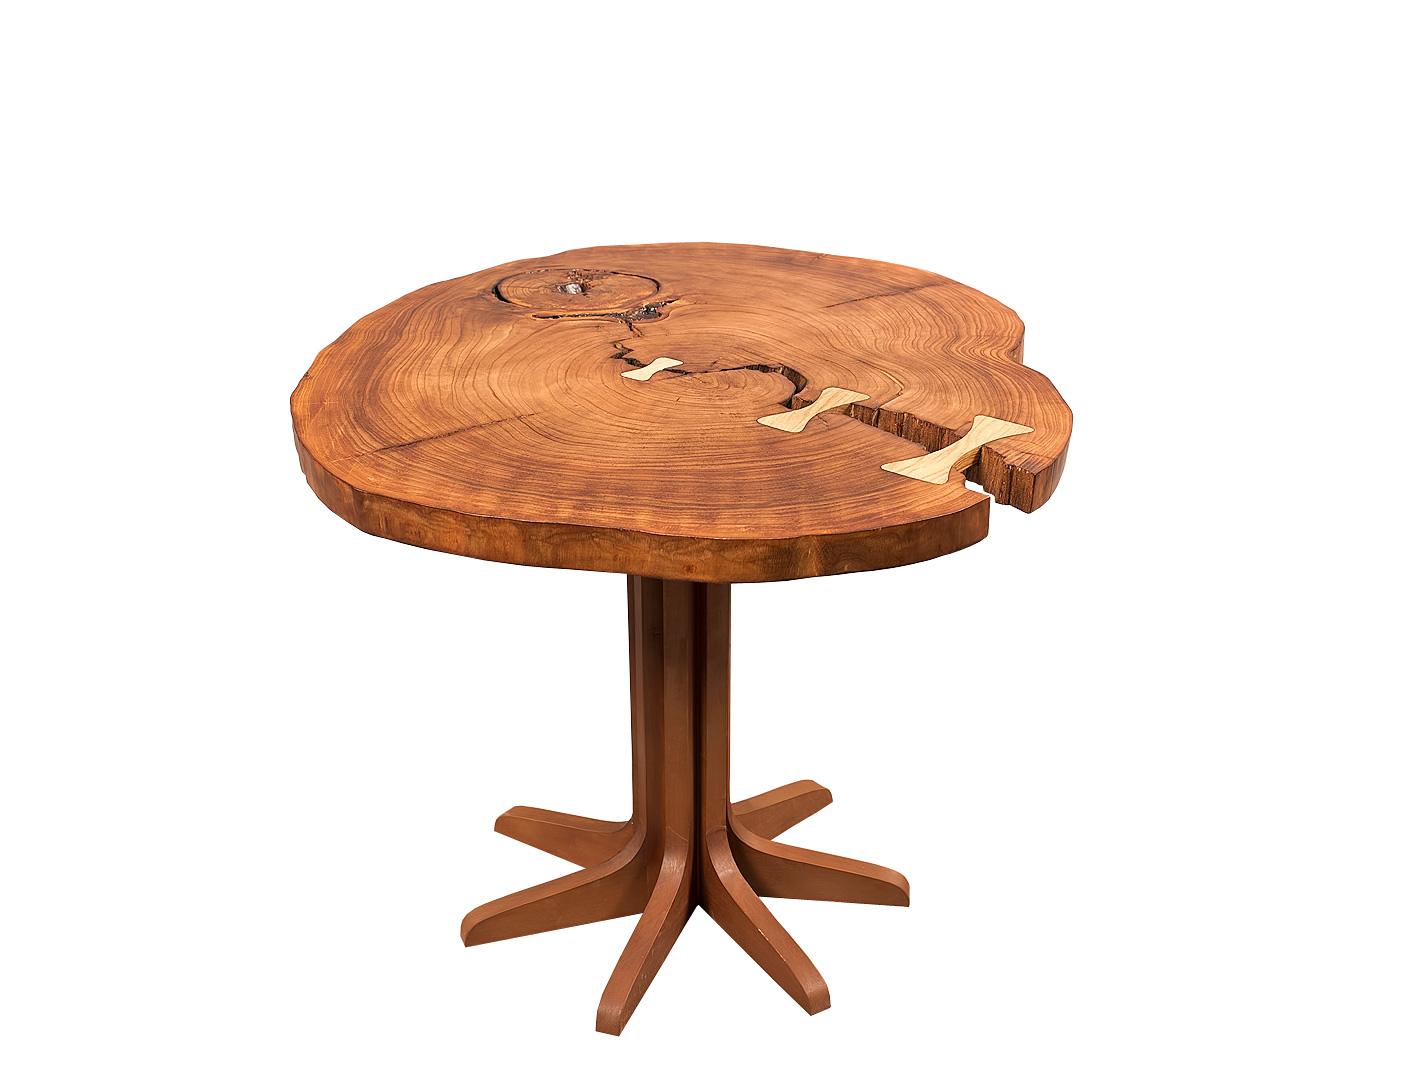 Журнальный стол DiskЖурнальные столики<br>Журнальный столик в стиле Live Edge (природный край)<br>Столешница сделана из цельного круглого спила вяза с сохранением всех природных деталей: трещин, изгибов, выщербленностей в стволе, шикарного рисунка текстуры и натурального живого края ствола дерева. Основаная идея столика Disk - сохранить всю природную естественность материала. Столешница будто бы еще вчера была частью массивного ствола многовекового вяза, и являясь столом сохранила всю природную красоту и колорит. Каждый столик линейки Disk неповторим, имеет свой рисунок, трещины, выемки, вставки и линии граней. <br><br>Поставляется в готовом виде, сборка не требуется.<br><br>Material: Дерево<br>Height см: 50<br>Diameter см: 65